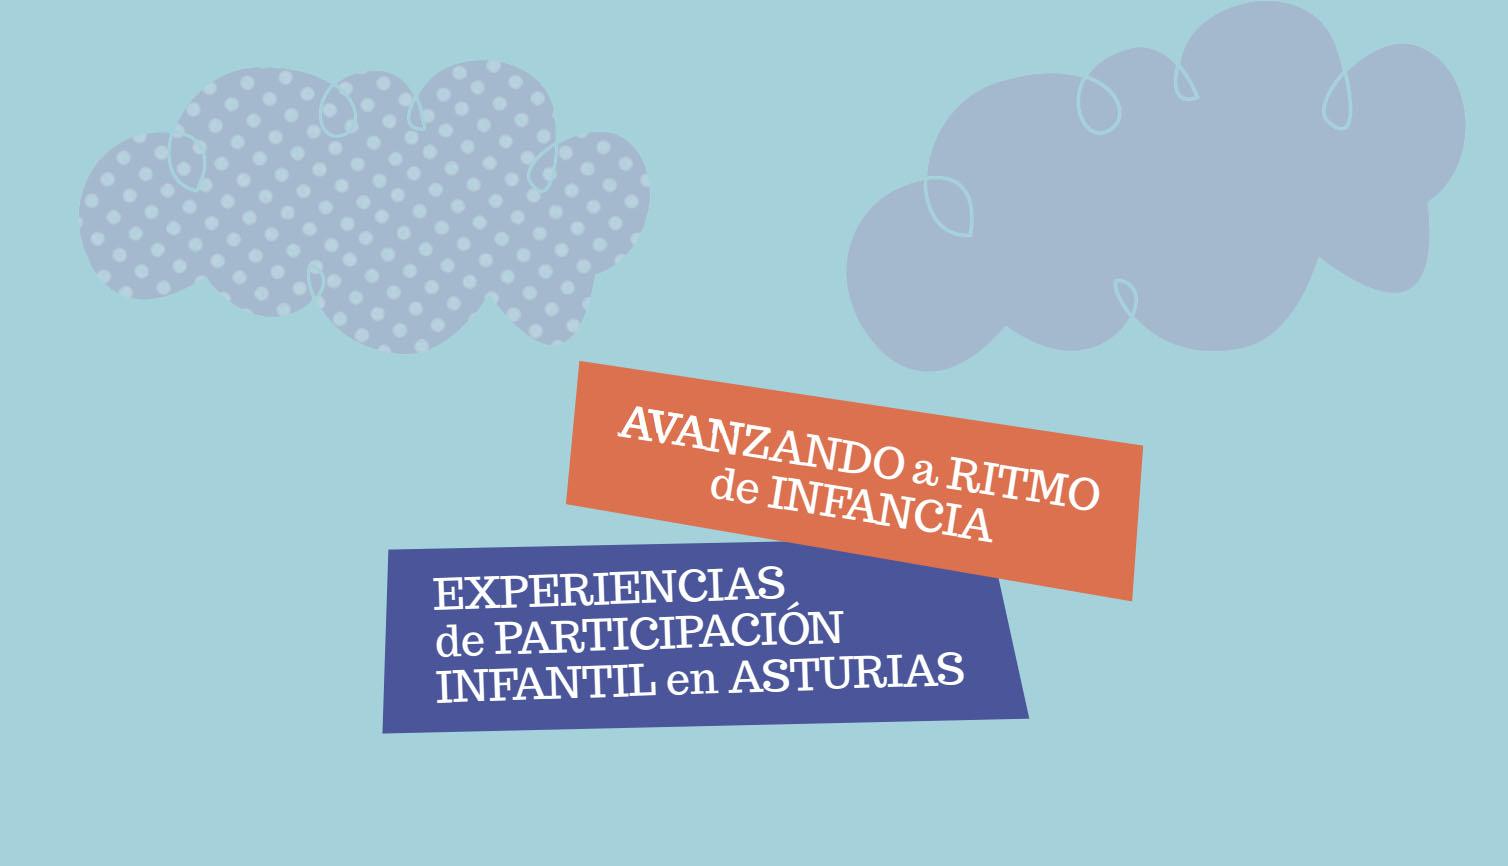 Una vuelta a la participación infantil: ochenta experiencias desde Asturias